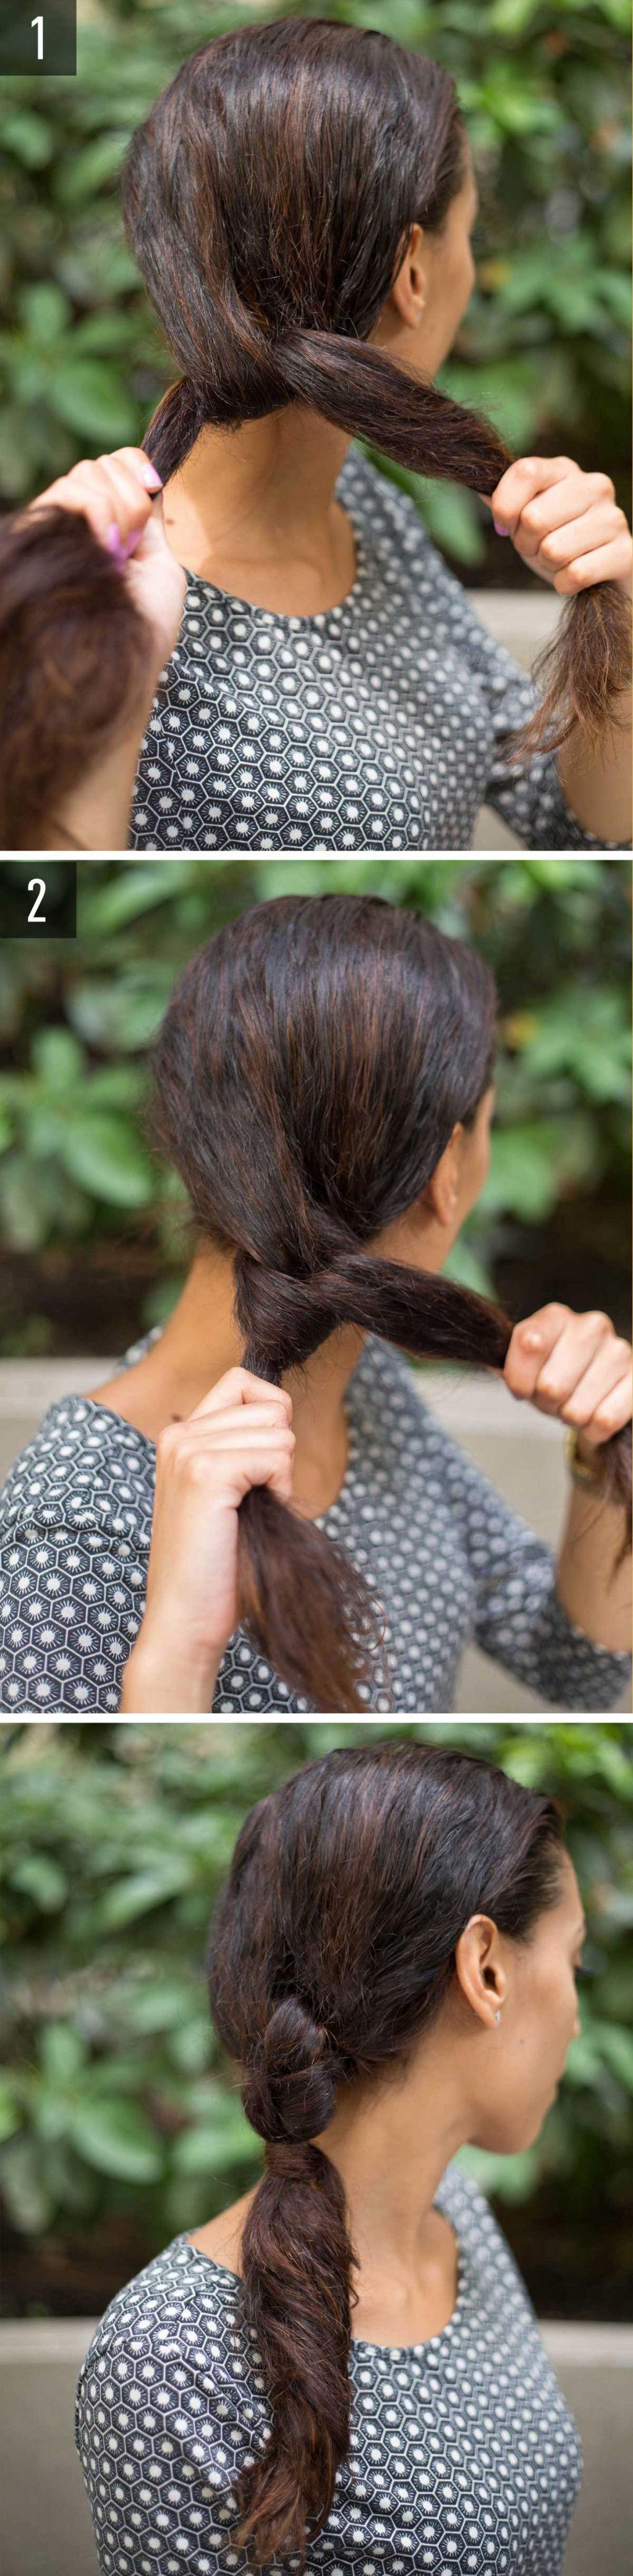 15 pettinature per capelli lunghi facili e risolutive per ...